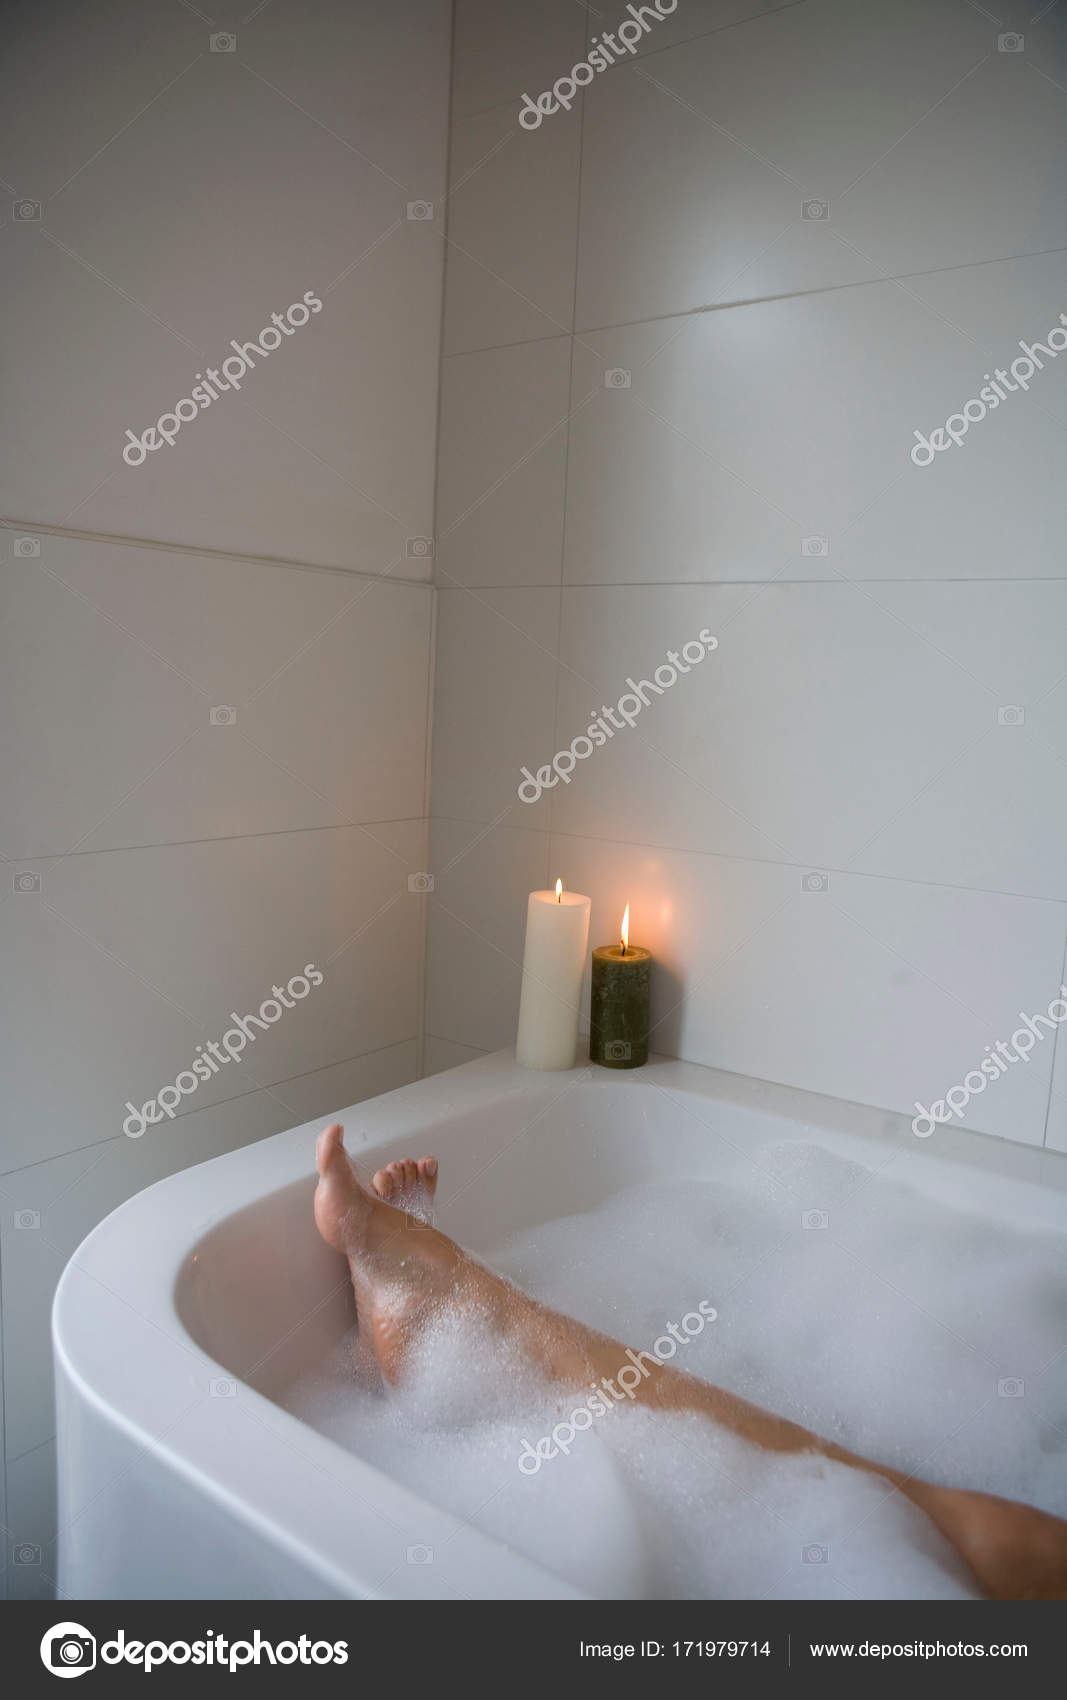 Foto Vasca Da Bagno Con Candele.Immagine Potata Gambe Donna Vasca Bagno Con Candele Foto Stock